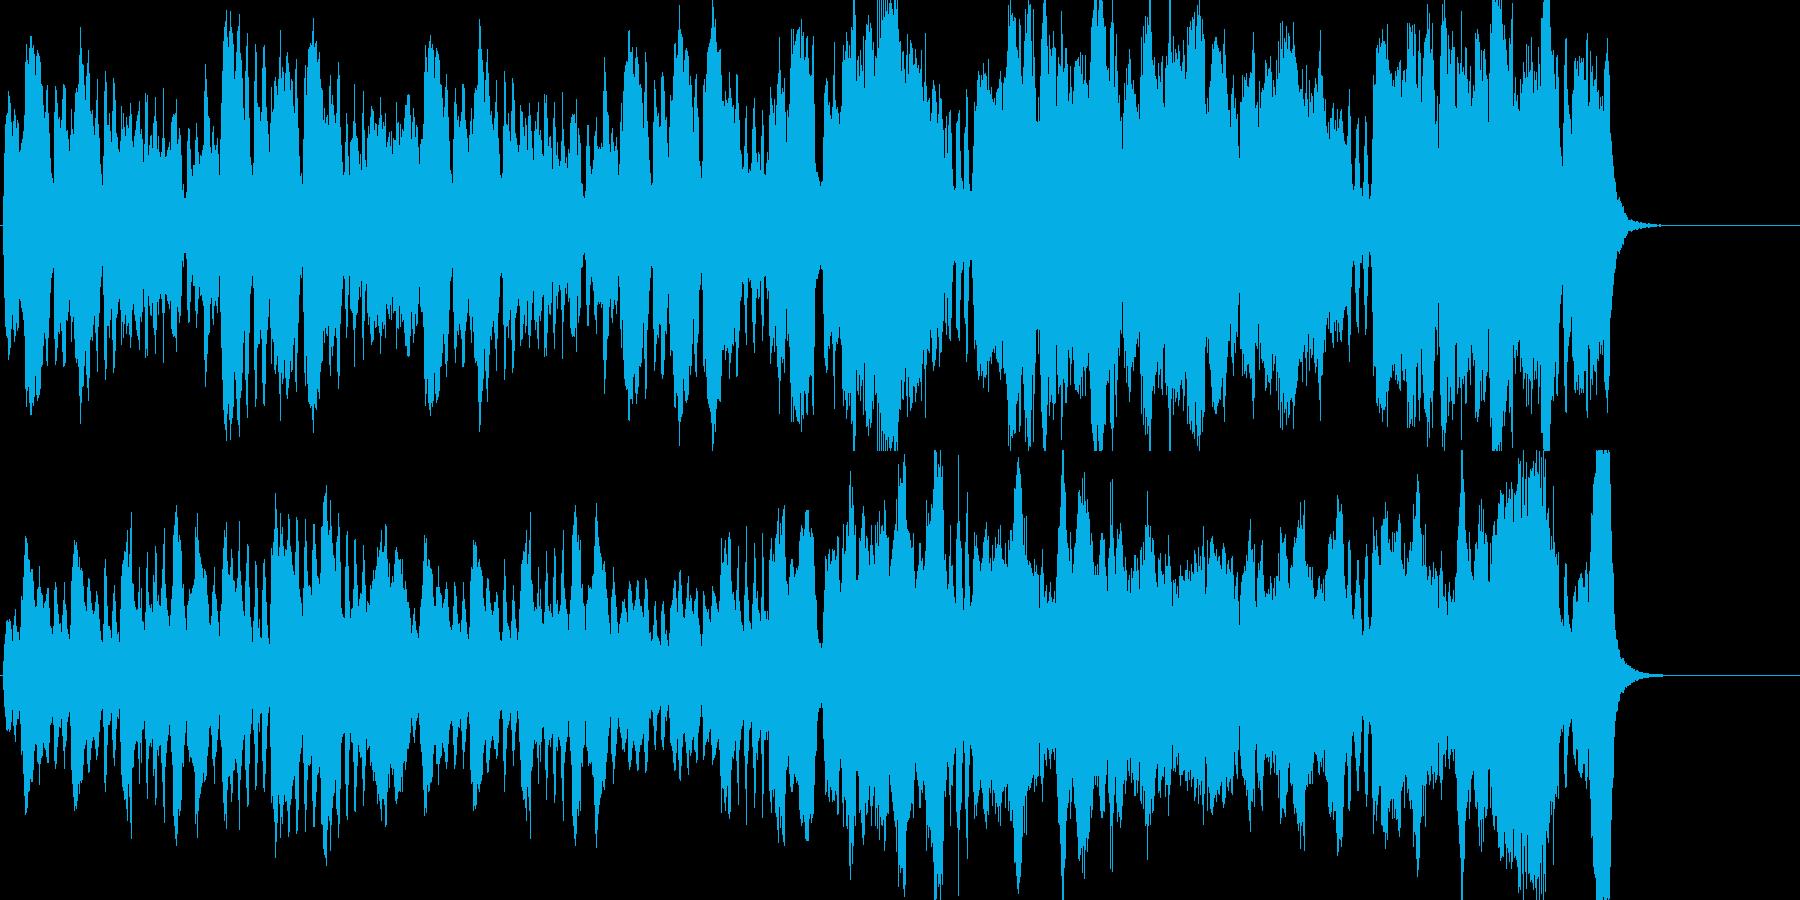 クラシカルで典雅なストリングス曲の再生済みの波形